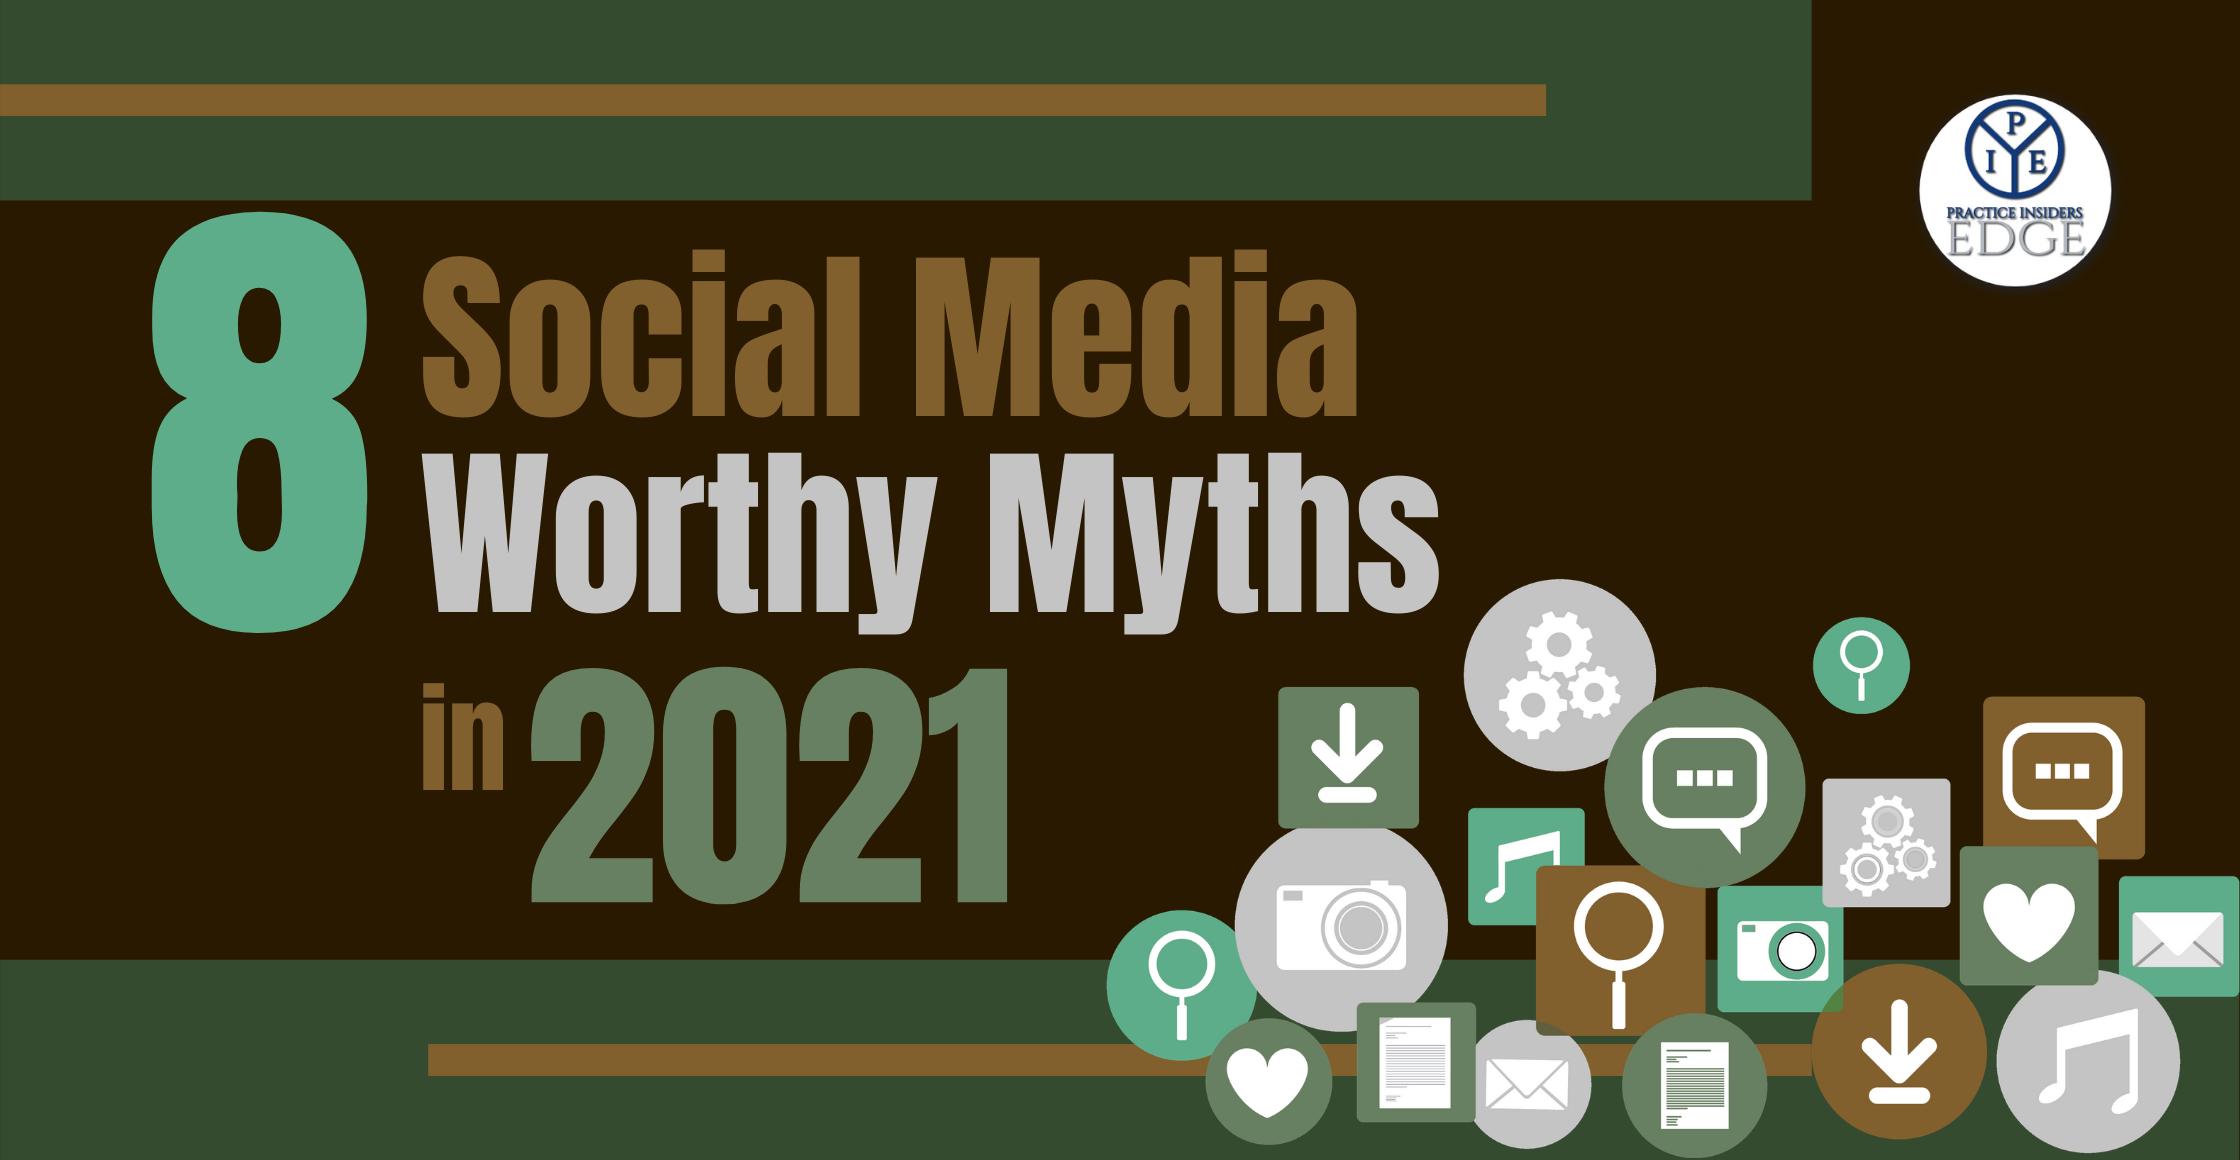 8 Social Media Forget Worthy Myths in 2021